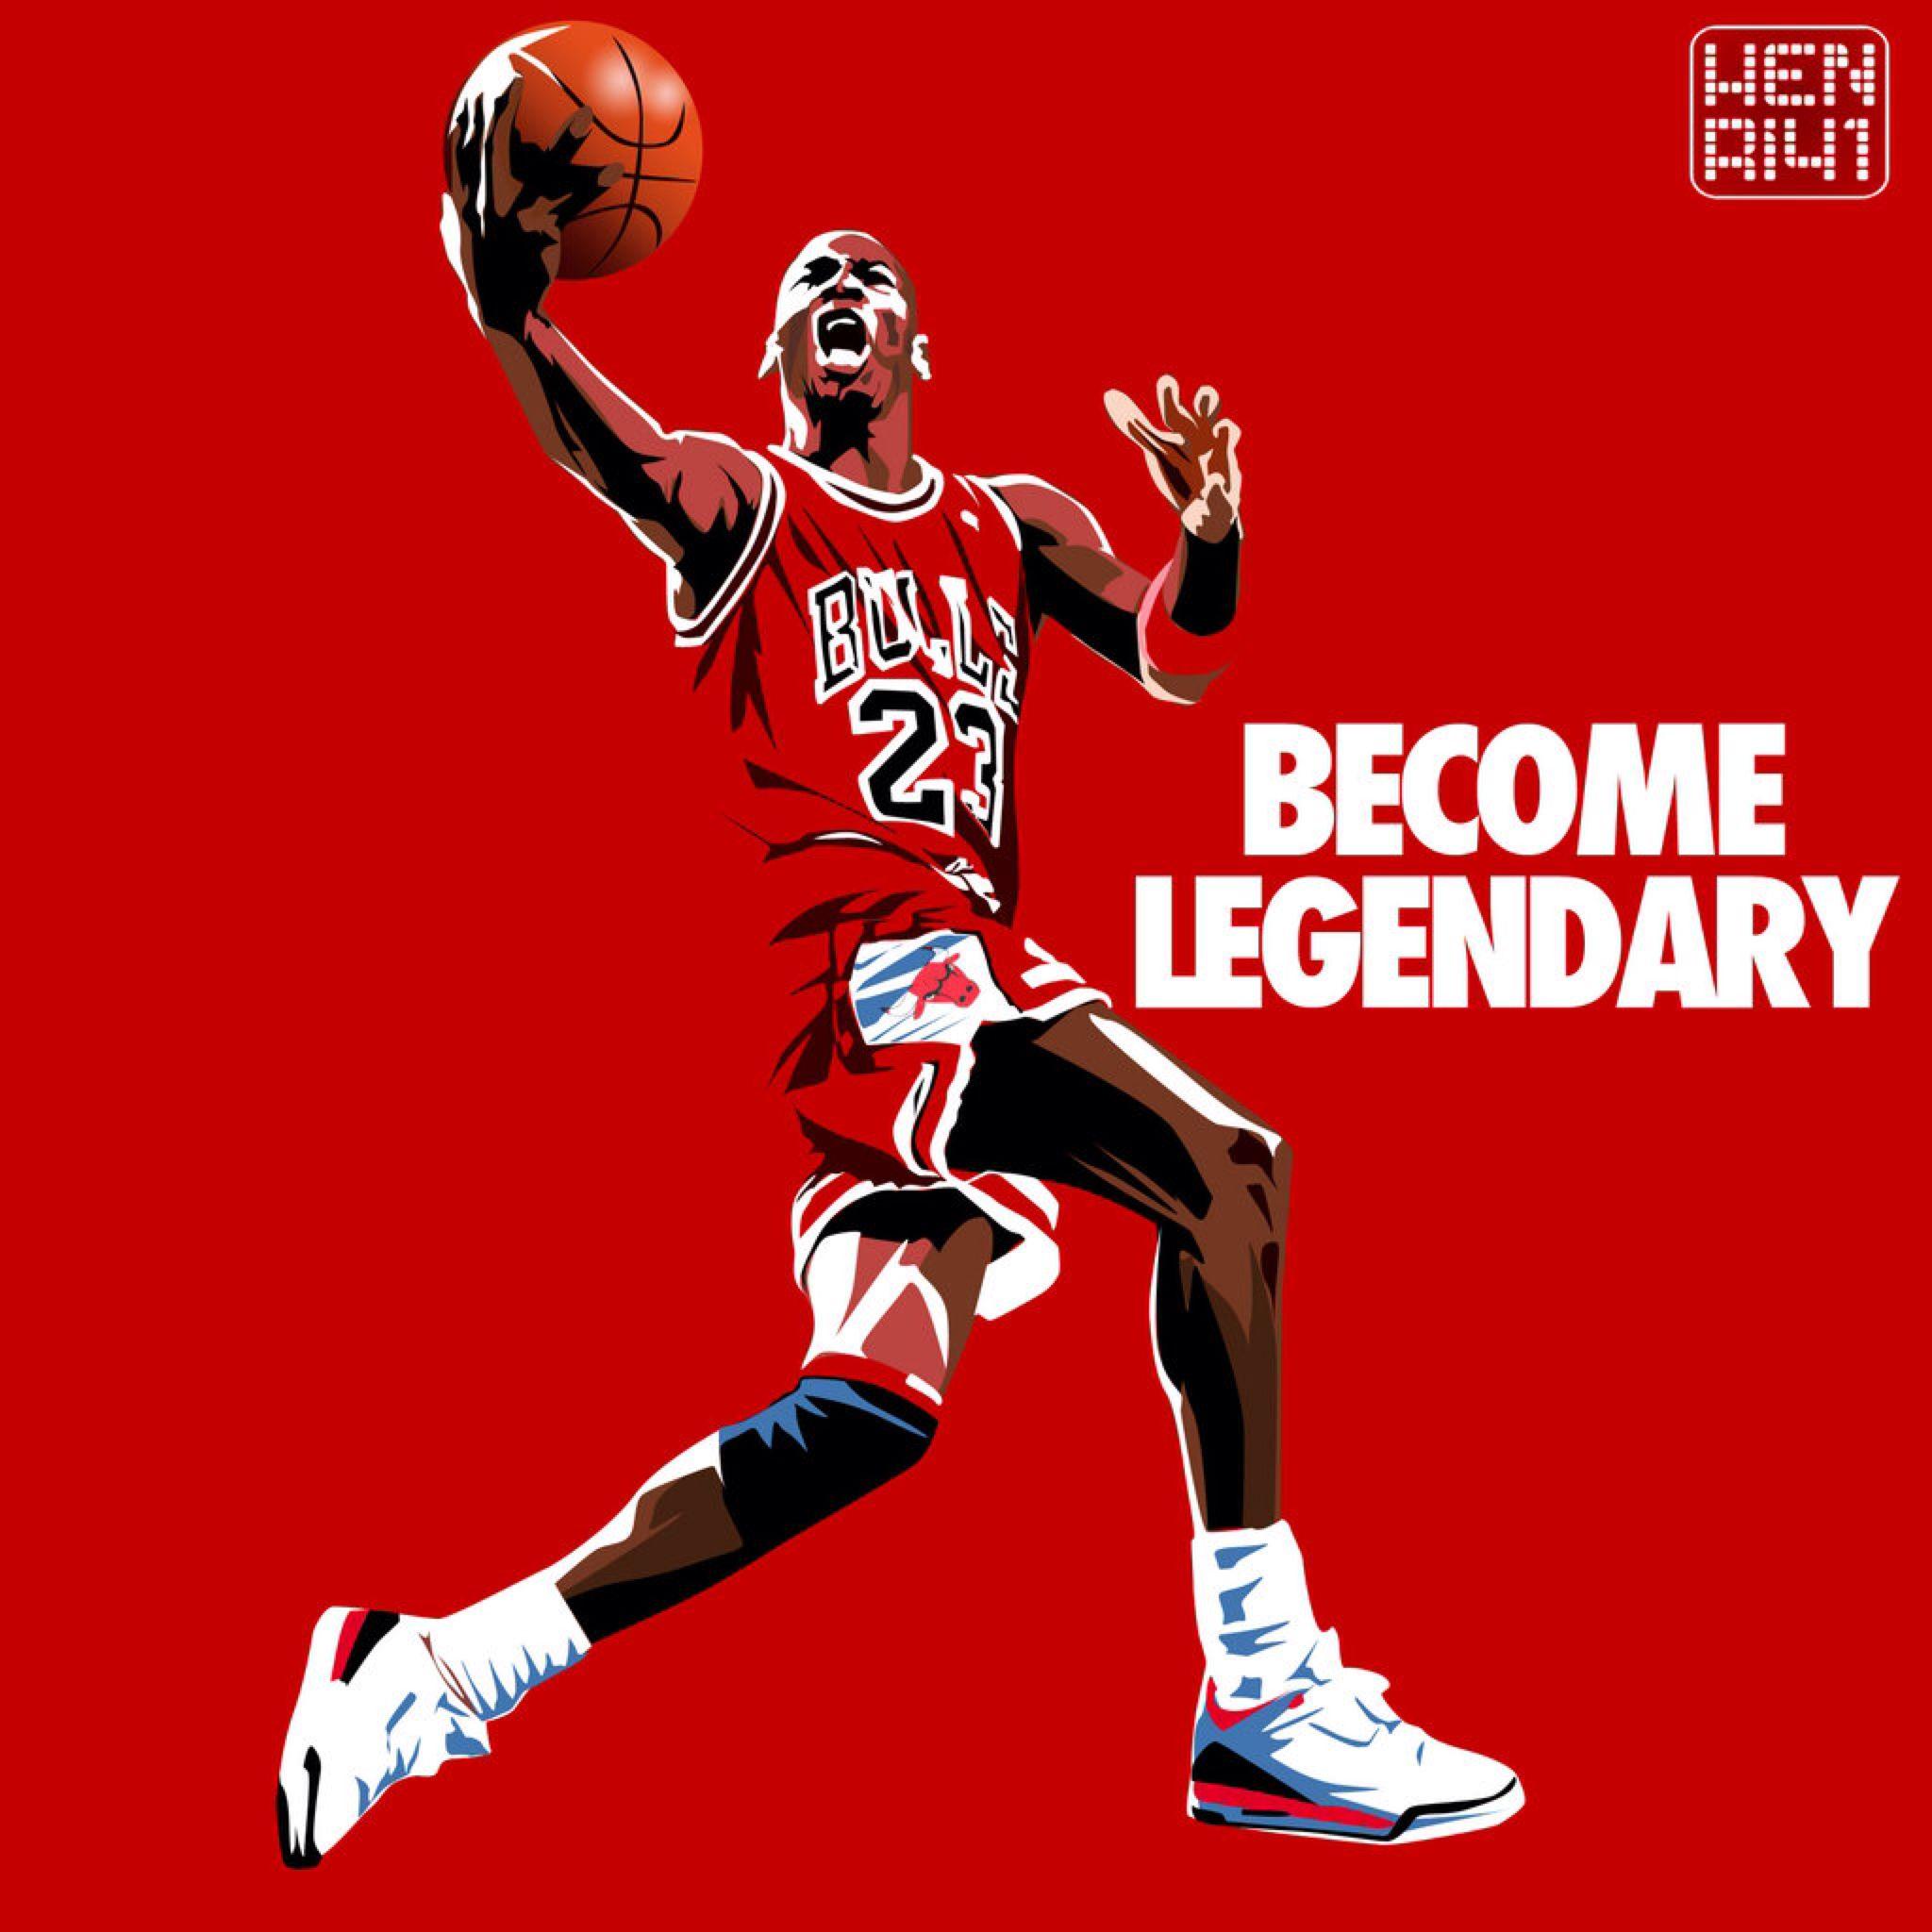 Jordan New Via Ps By Billgoldberg On Deviantart Michael Jordan